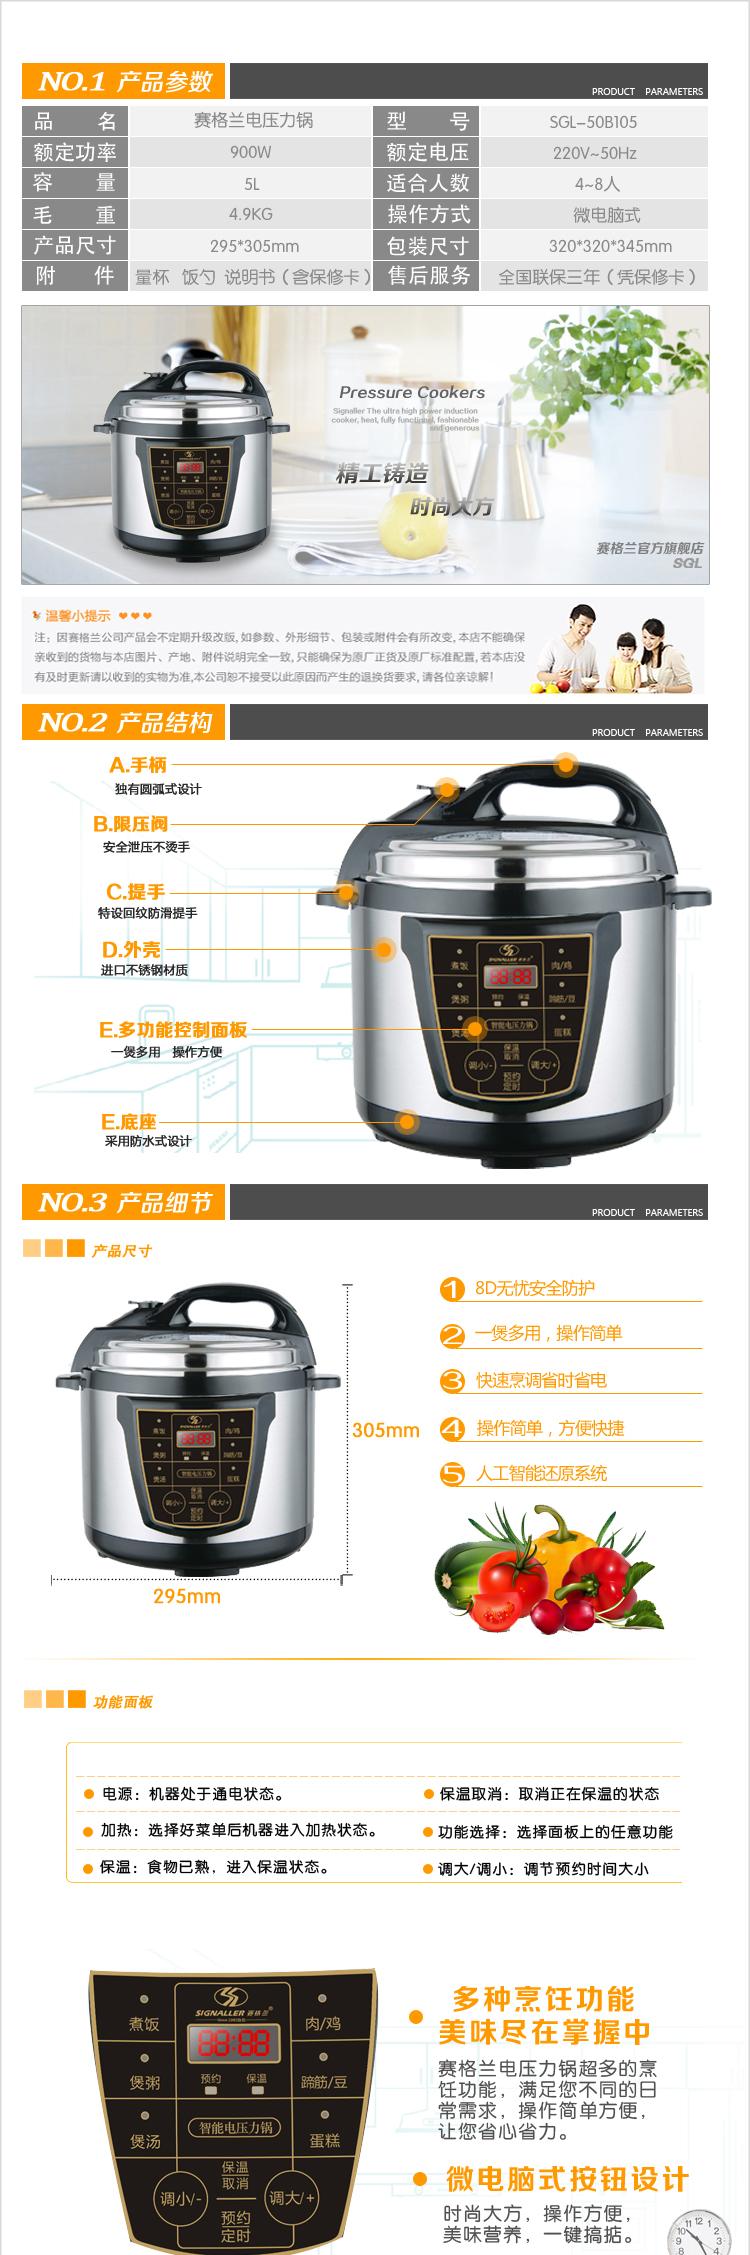 赛格兰sgl-50b105电压力锅